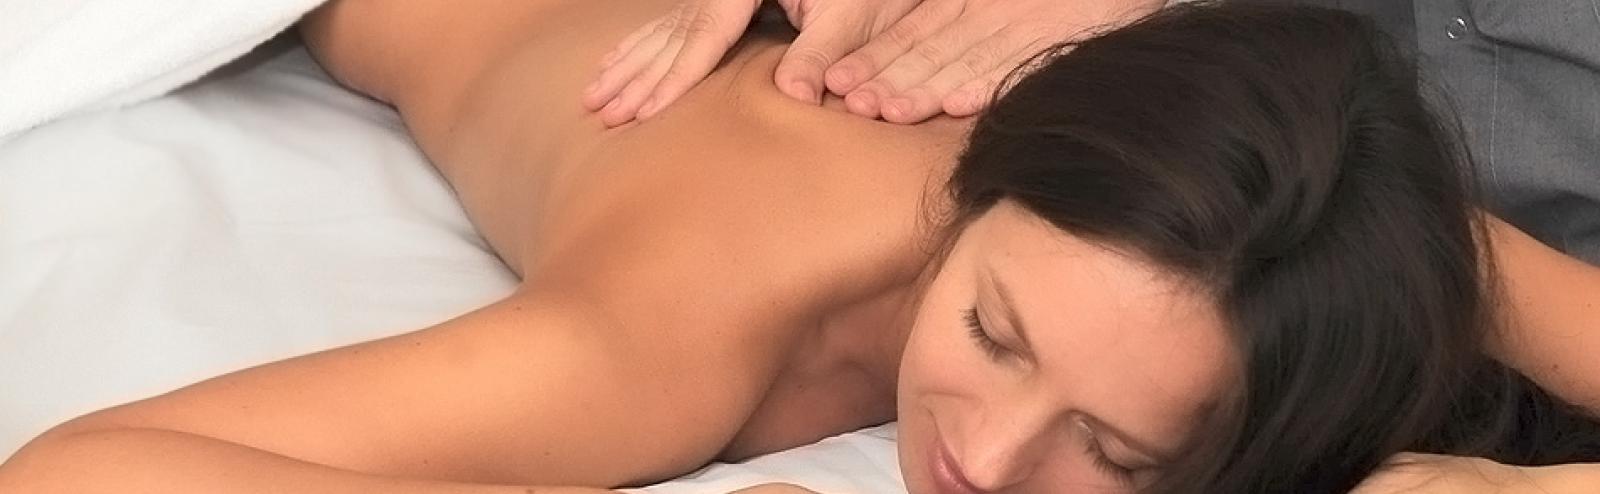 L'art du massage effectué par un kinésithérapeuthe - Thermal Spa Les Célestins